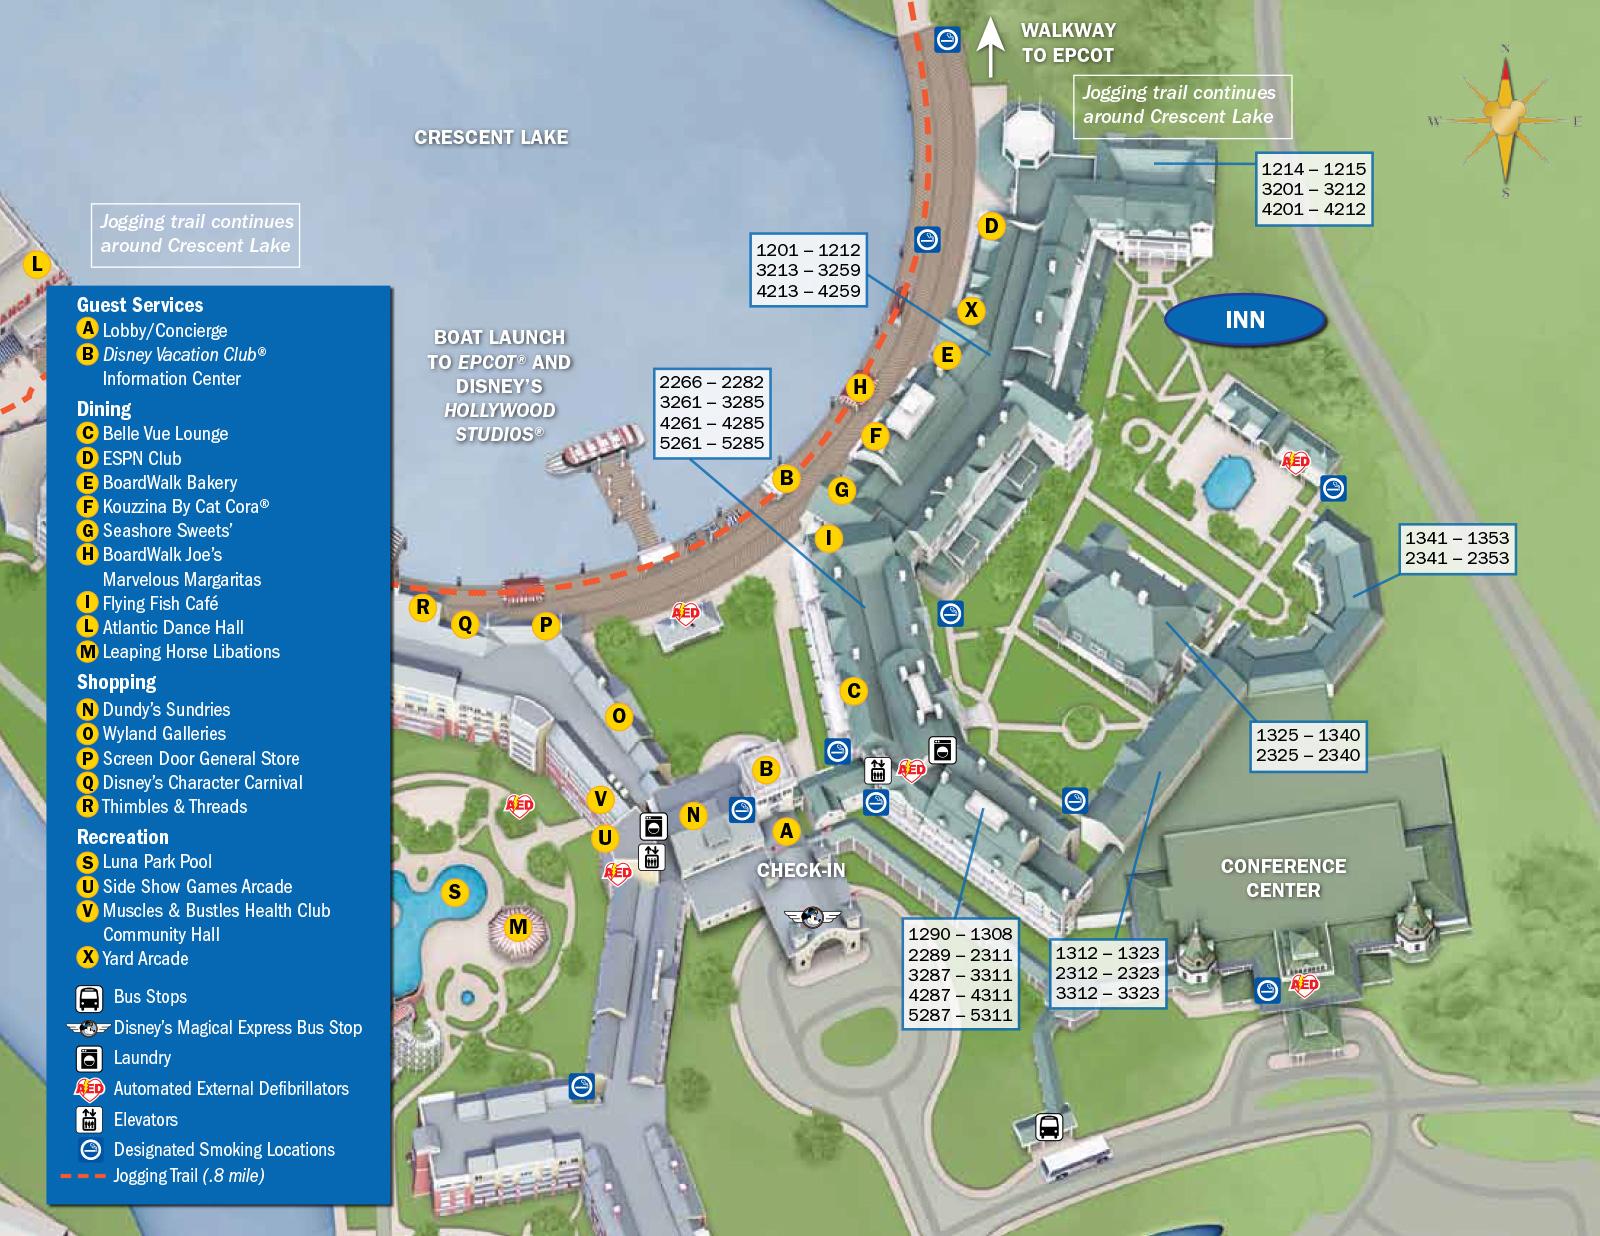 2013 BoardWalk Villas guide map